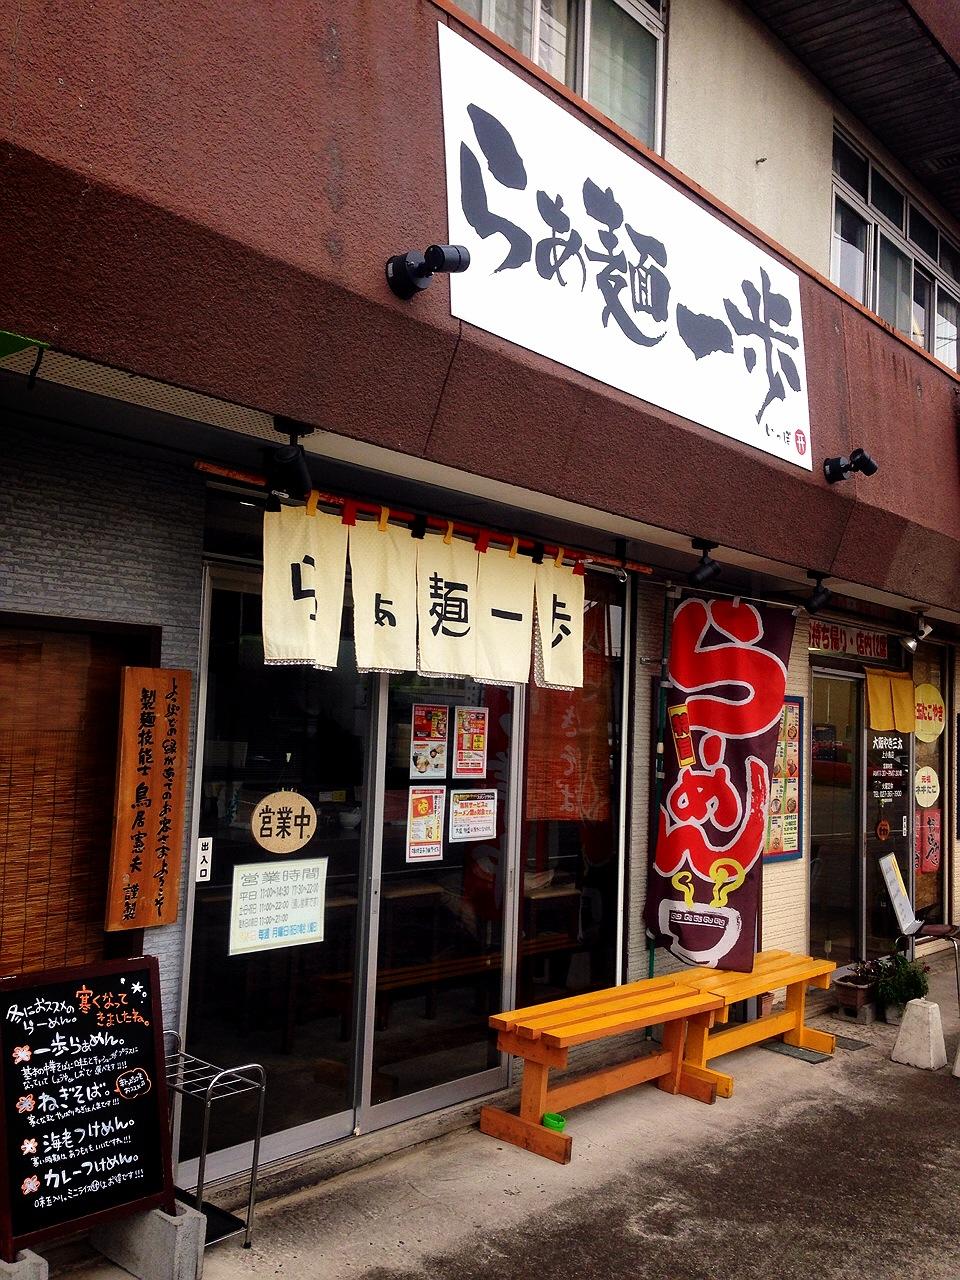 鳥居式らーめん塾17期生卒業生 らぁ麺一歩店舗IMG_3784.jpg